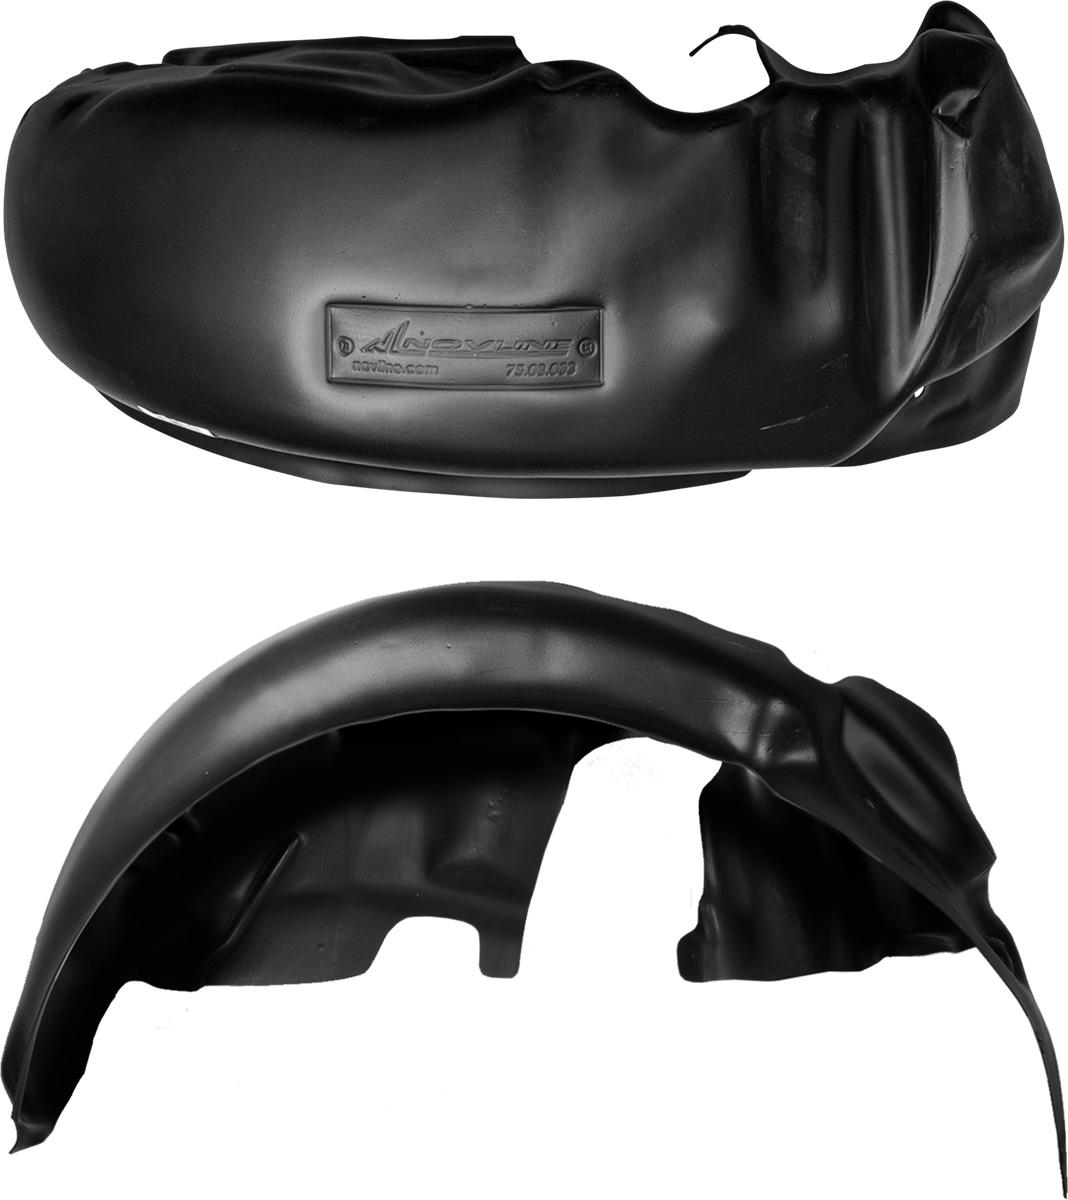 Подкрылок RENAULT Duster 4x4, 2011-2015, задний левыйNLL.41.29.003Колесные ниши – одни из самых уязвимых зон днища вашего автомобиля. Они постоянно подвергаются воздействию со стороны дороги. Лучшая, почти абсолютная защита для них - специально отформованные пластиковые кожухи, которые называются подкрылками, или локерами. Производятся они как для отечественных моделей автомобилей, так и для иномарок. Подкрылки выполнены из высококачественного, экологически чистого пластика. Обеспечивают надежную защиту кузова автомобиля от пескоструйного эффекта и негативного влияния, агрессивных антигололедных реагентов. Пластик обладает более низкой теплопроводностью, чем металл, поэтому в зимний период эксплуатации использование пластиковых подкрылков позволяет лучше защитить колесные ниши от налипания снега и образования наледи. Оригинальность конструкции подчеркивает элегантность автомобиля, бережно защищает нанесенное на днище кузова антикоррозийное покрытие и позволяет осуществить крепление подкрылков внутри колесной арки практически без дополнительного...